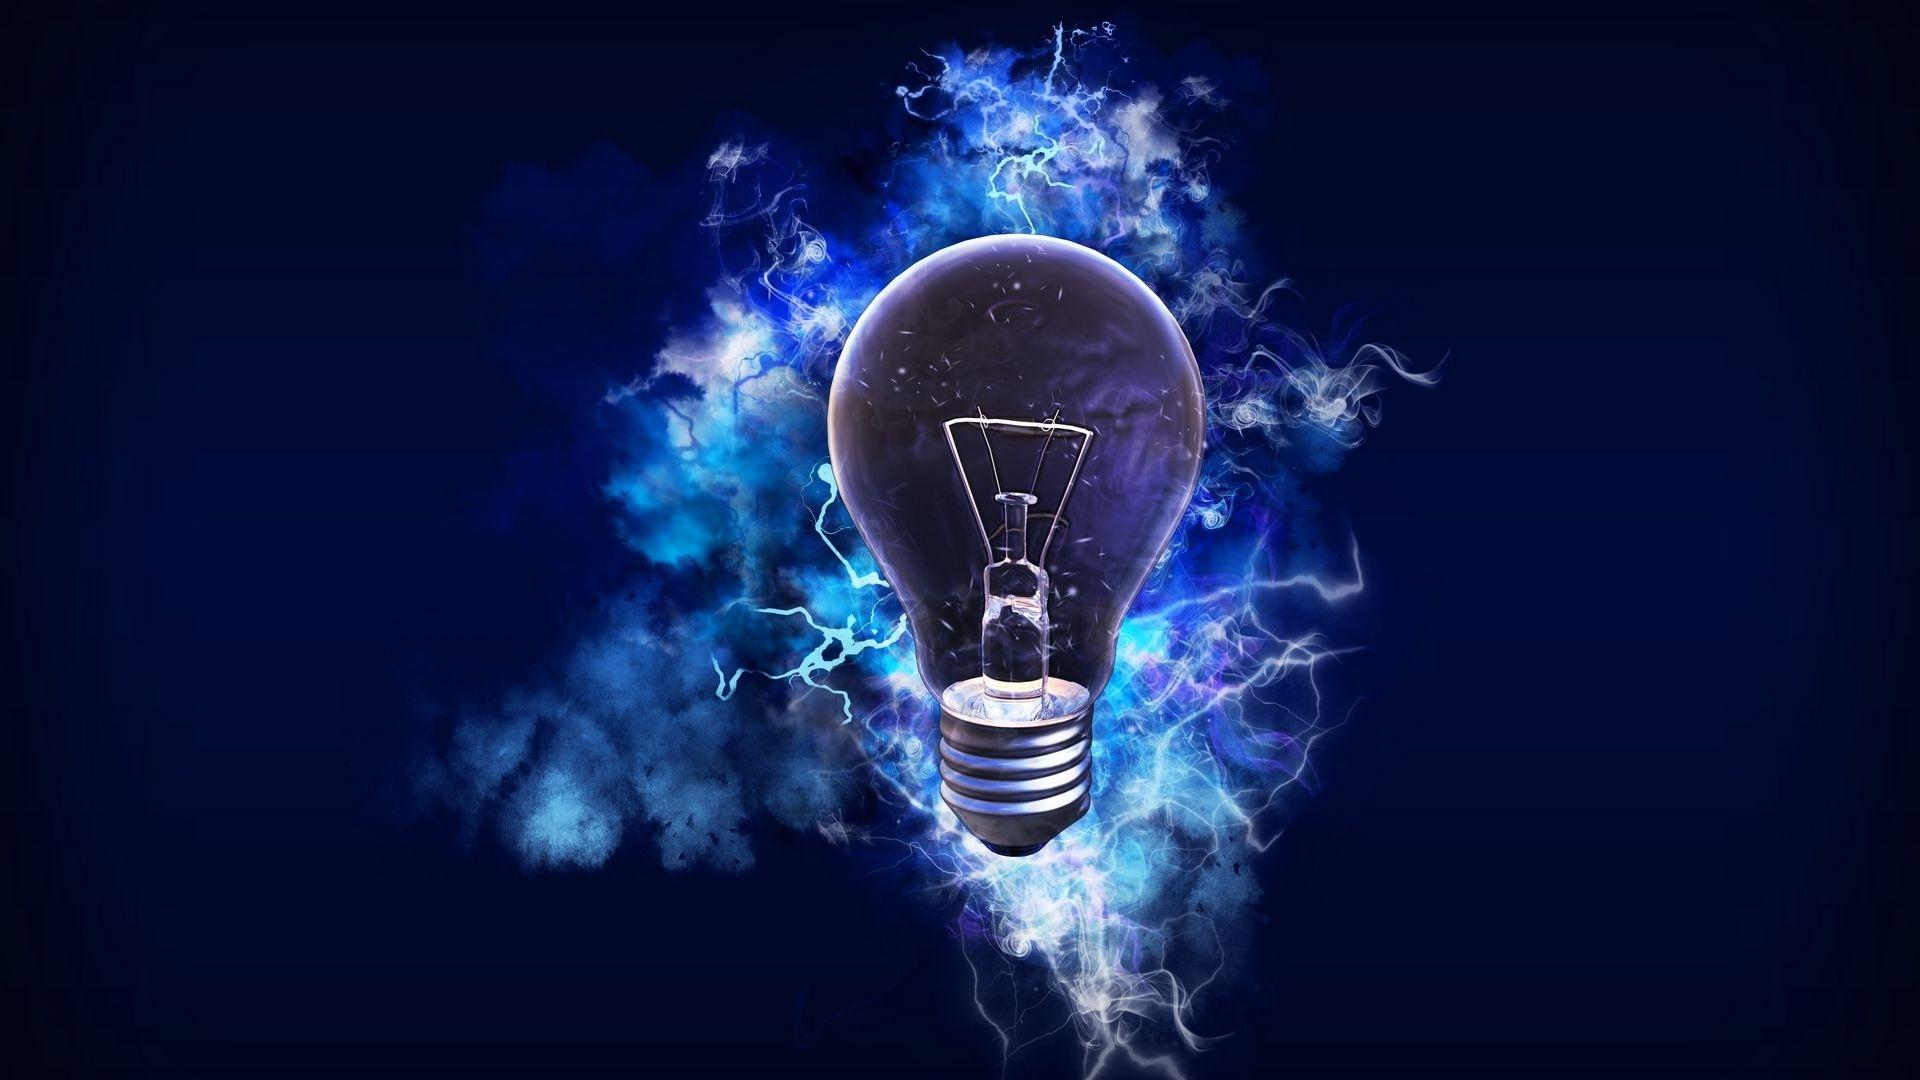 Light Bulb Pic